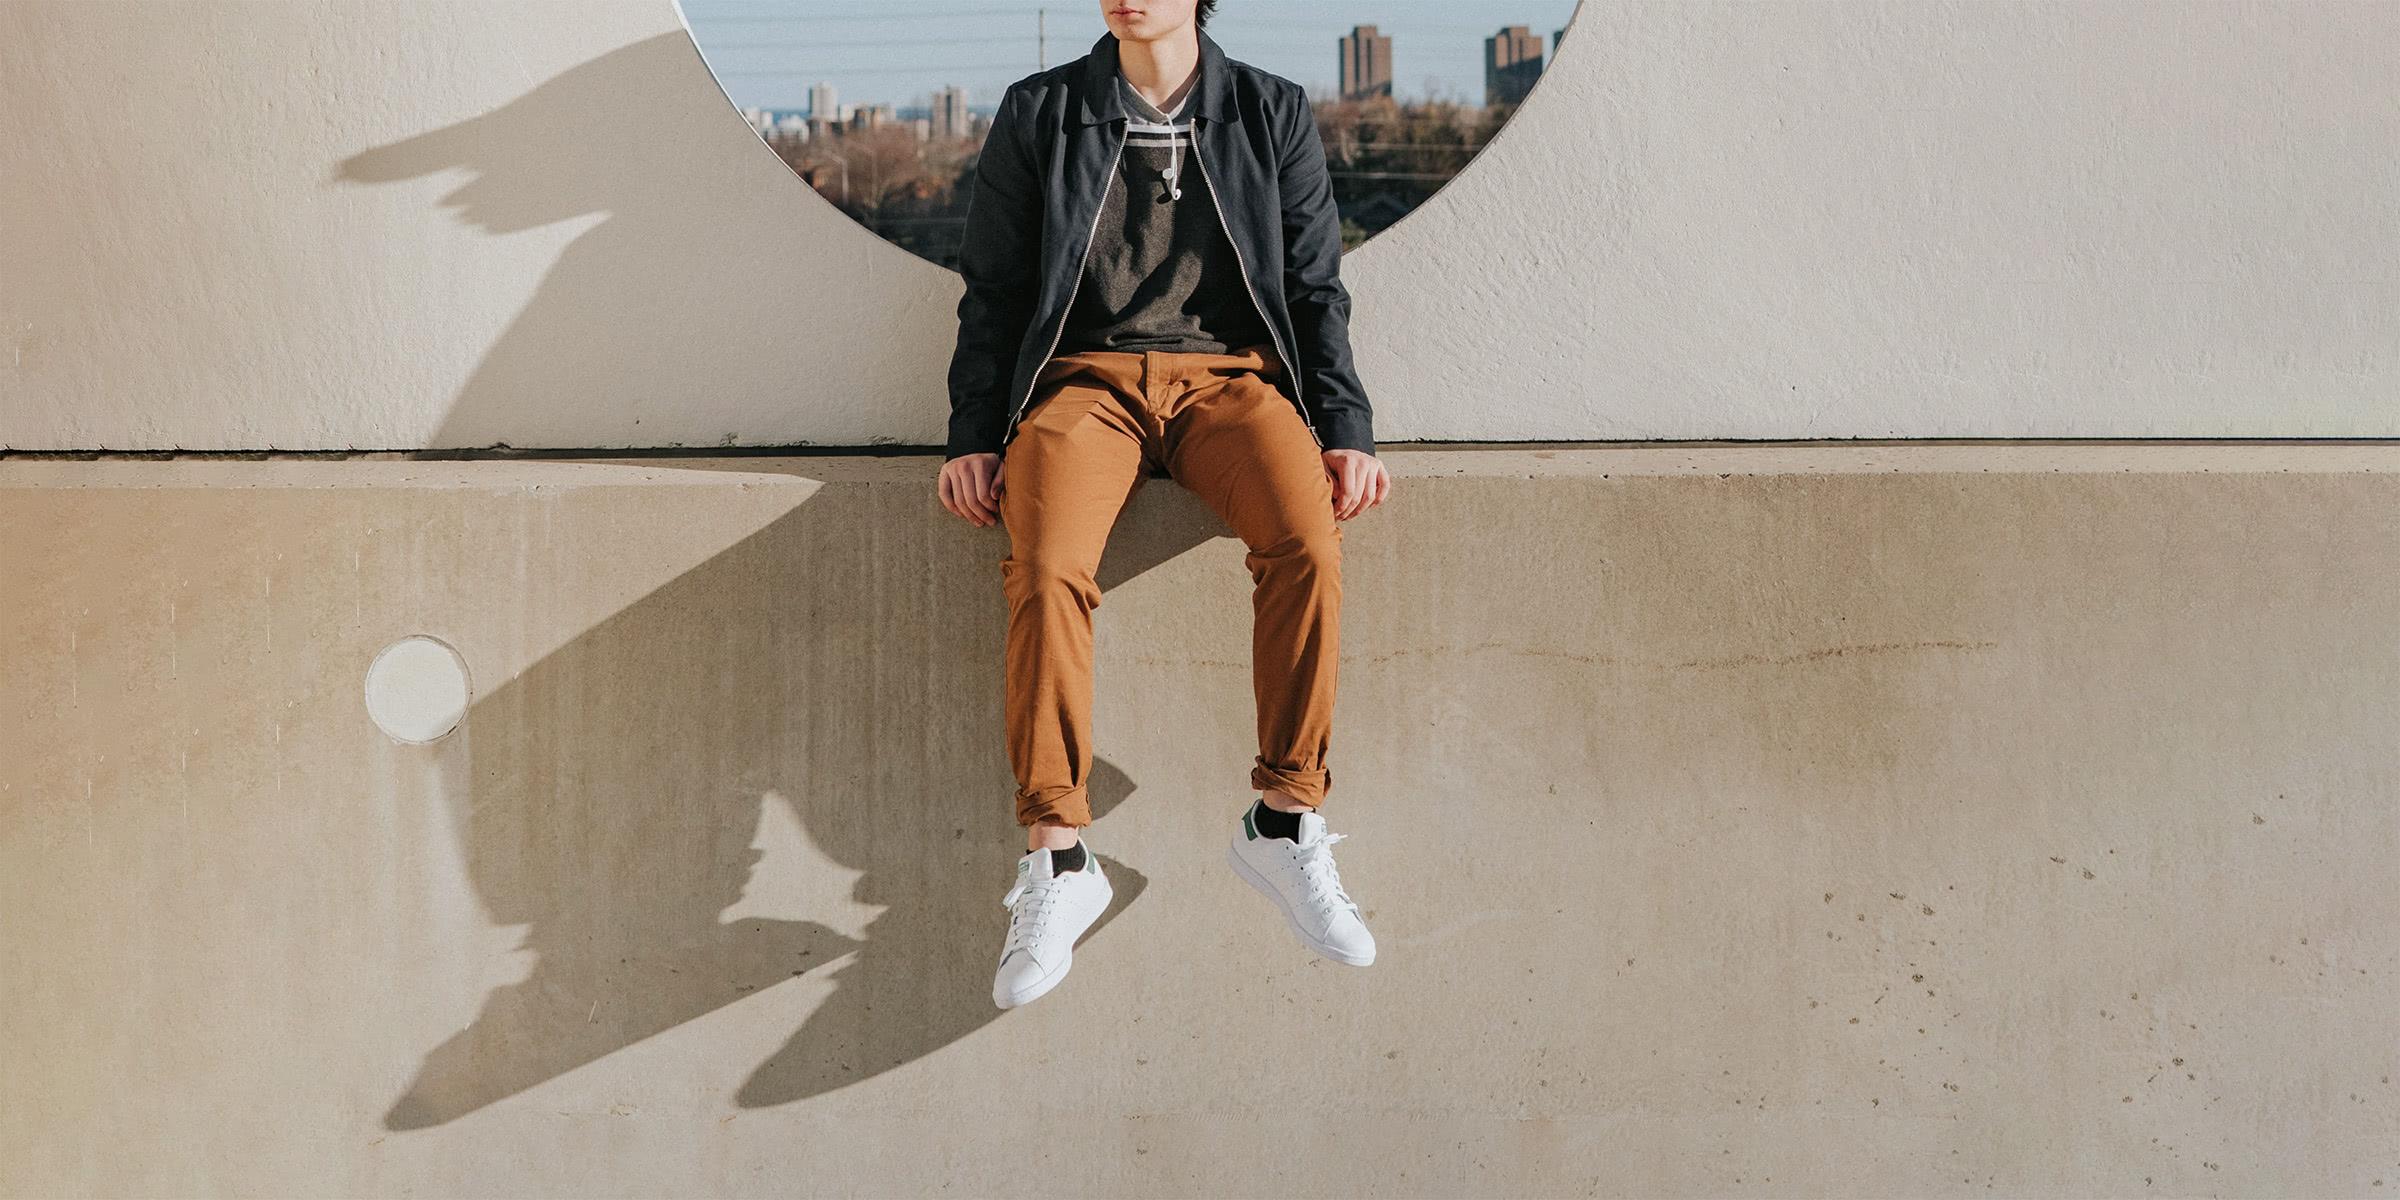 best men sneakers 2021 designer review - Luxe Digital